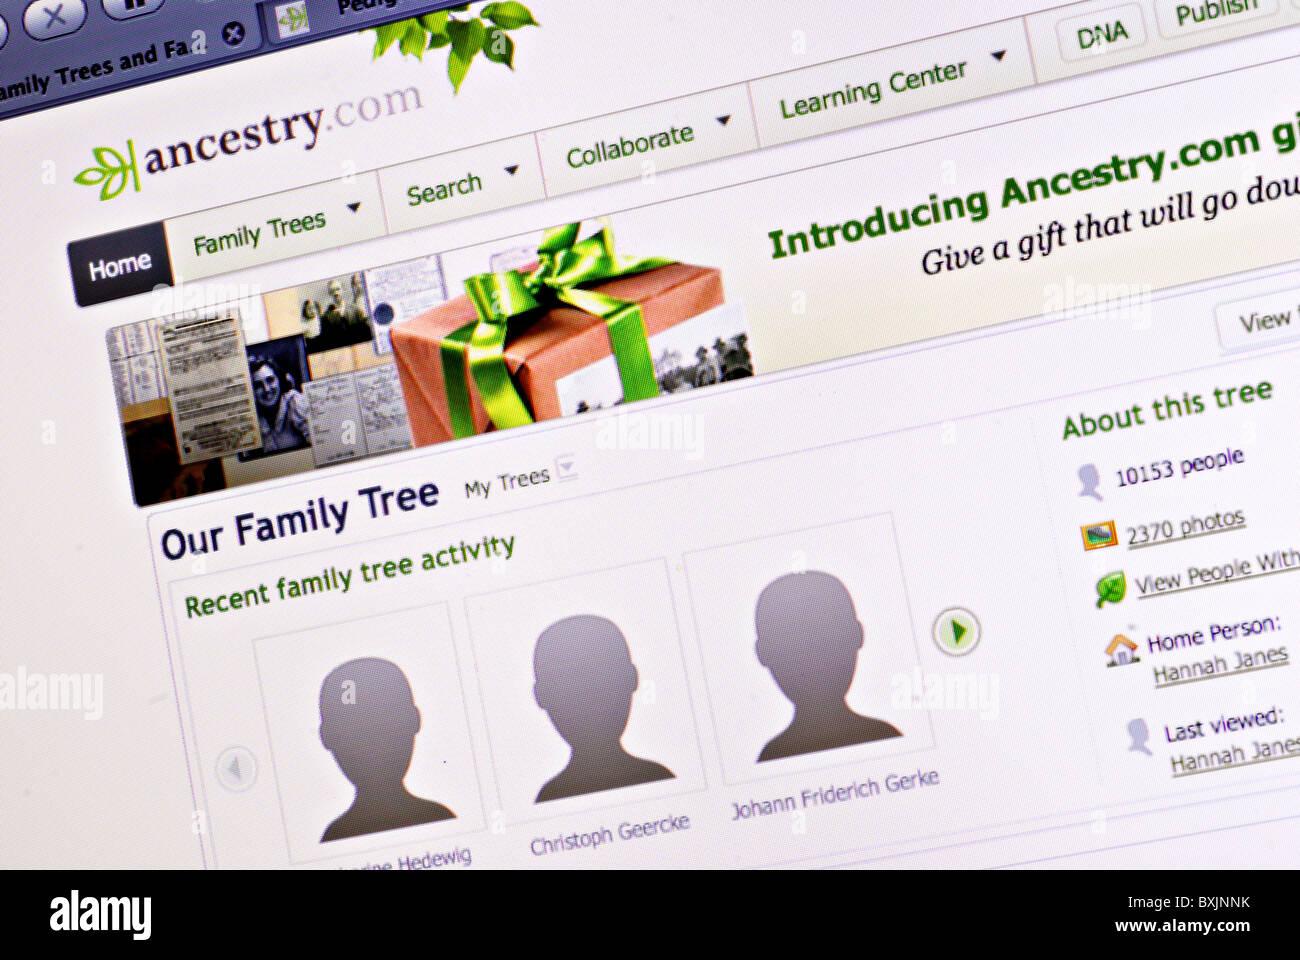 Albero di famiglia e la genealogia informazioni su Ancestry.com Immagini Stock